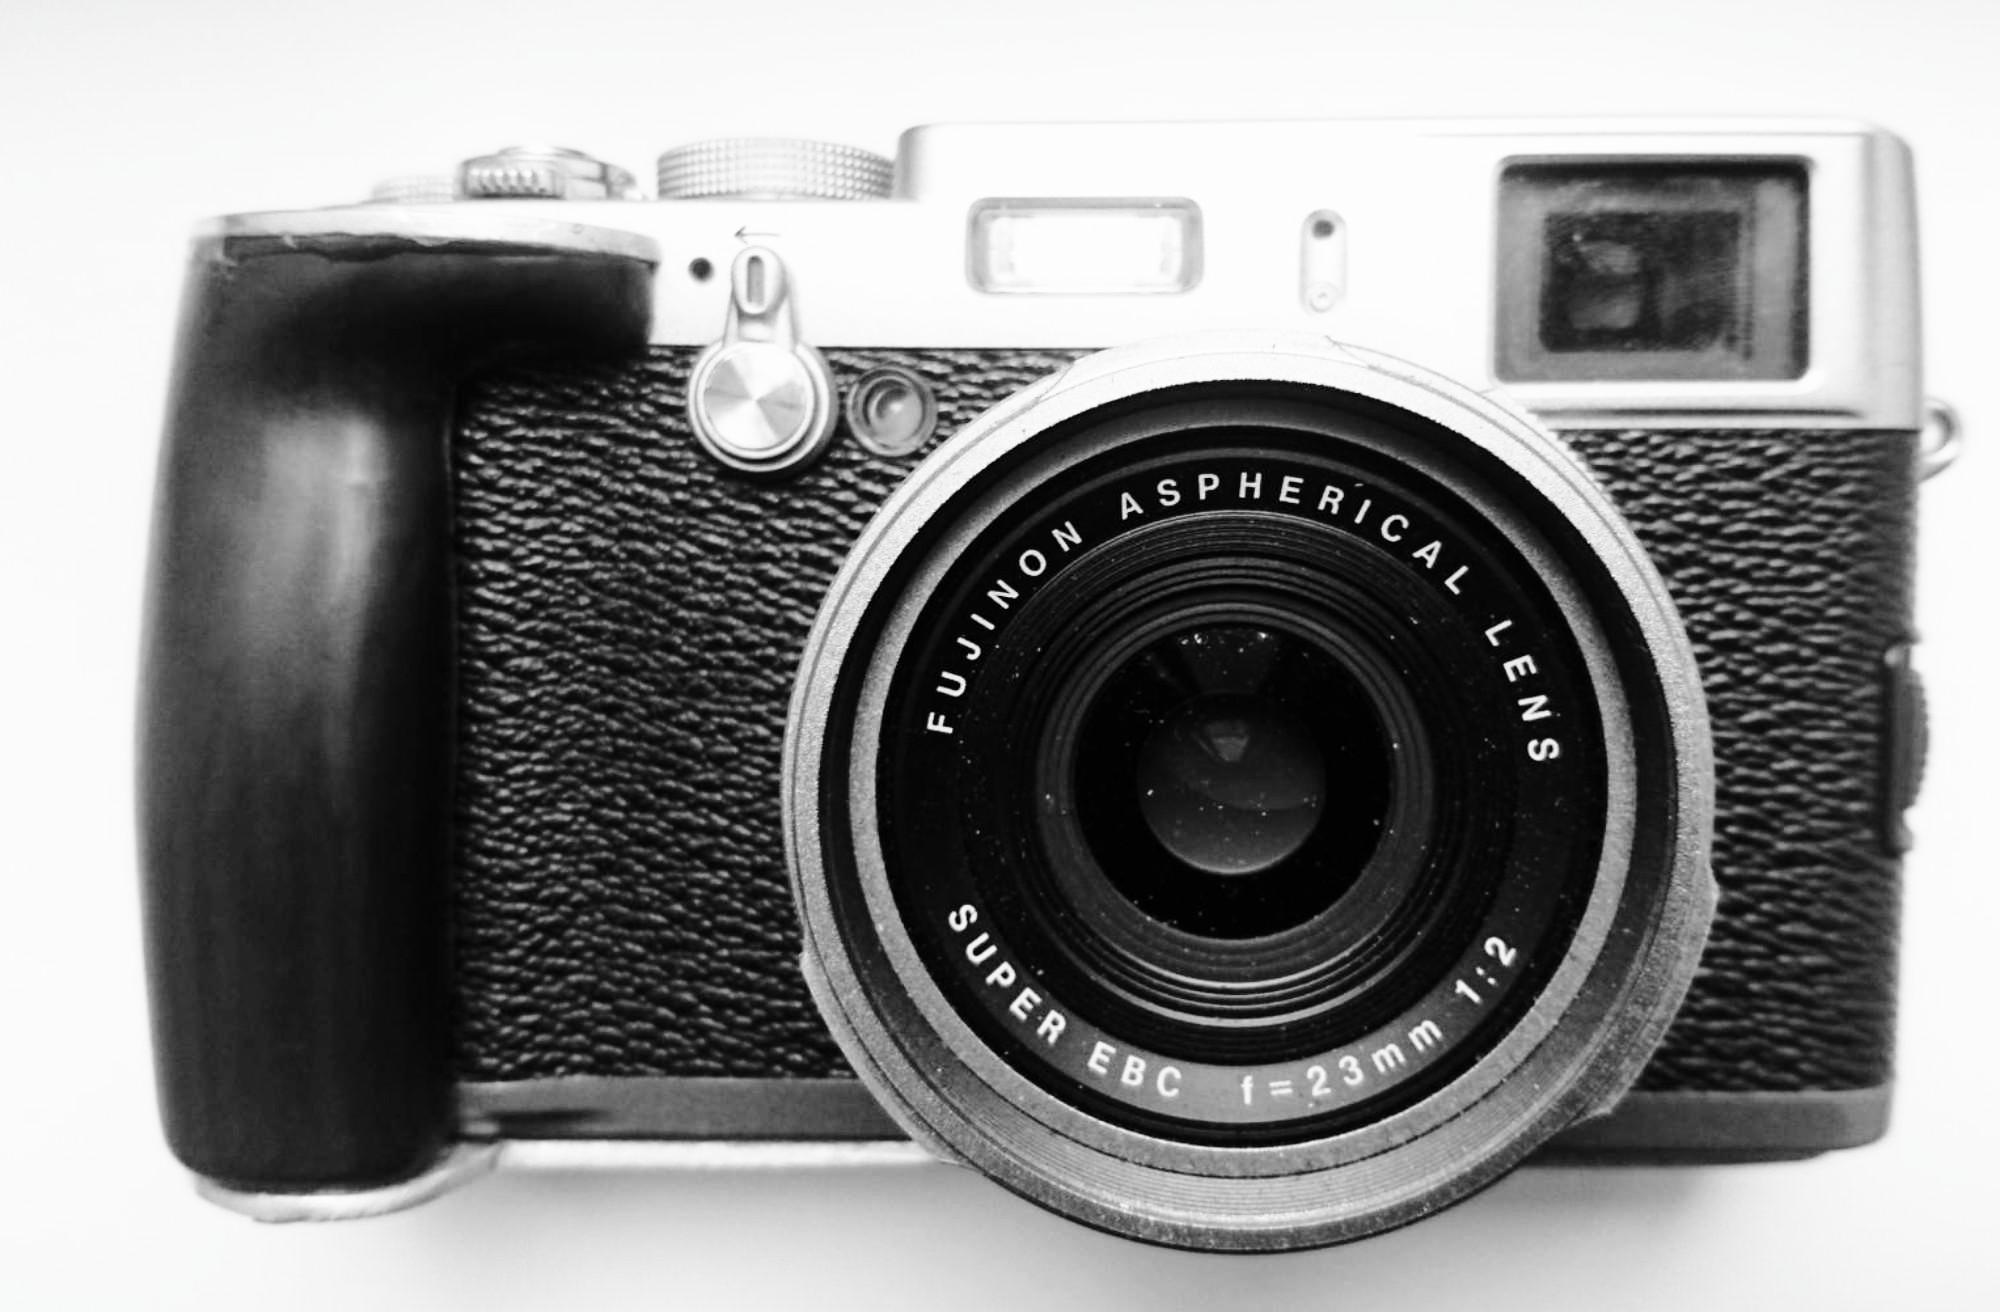 Fujifilm x100 © Ivo Schneider